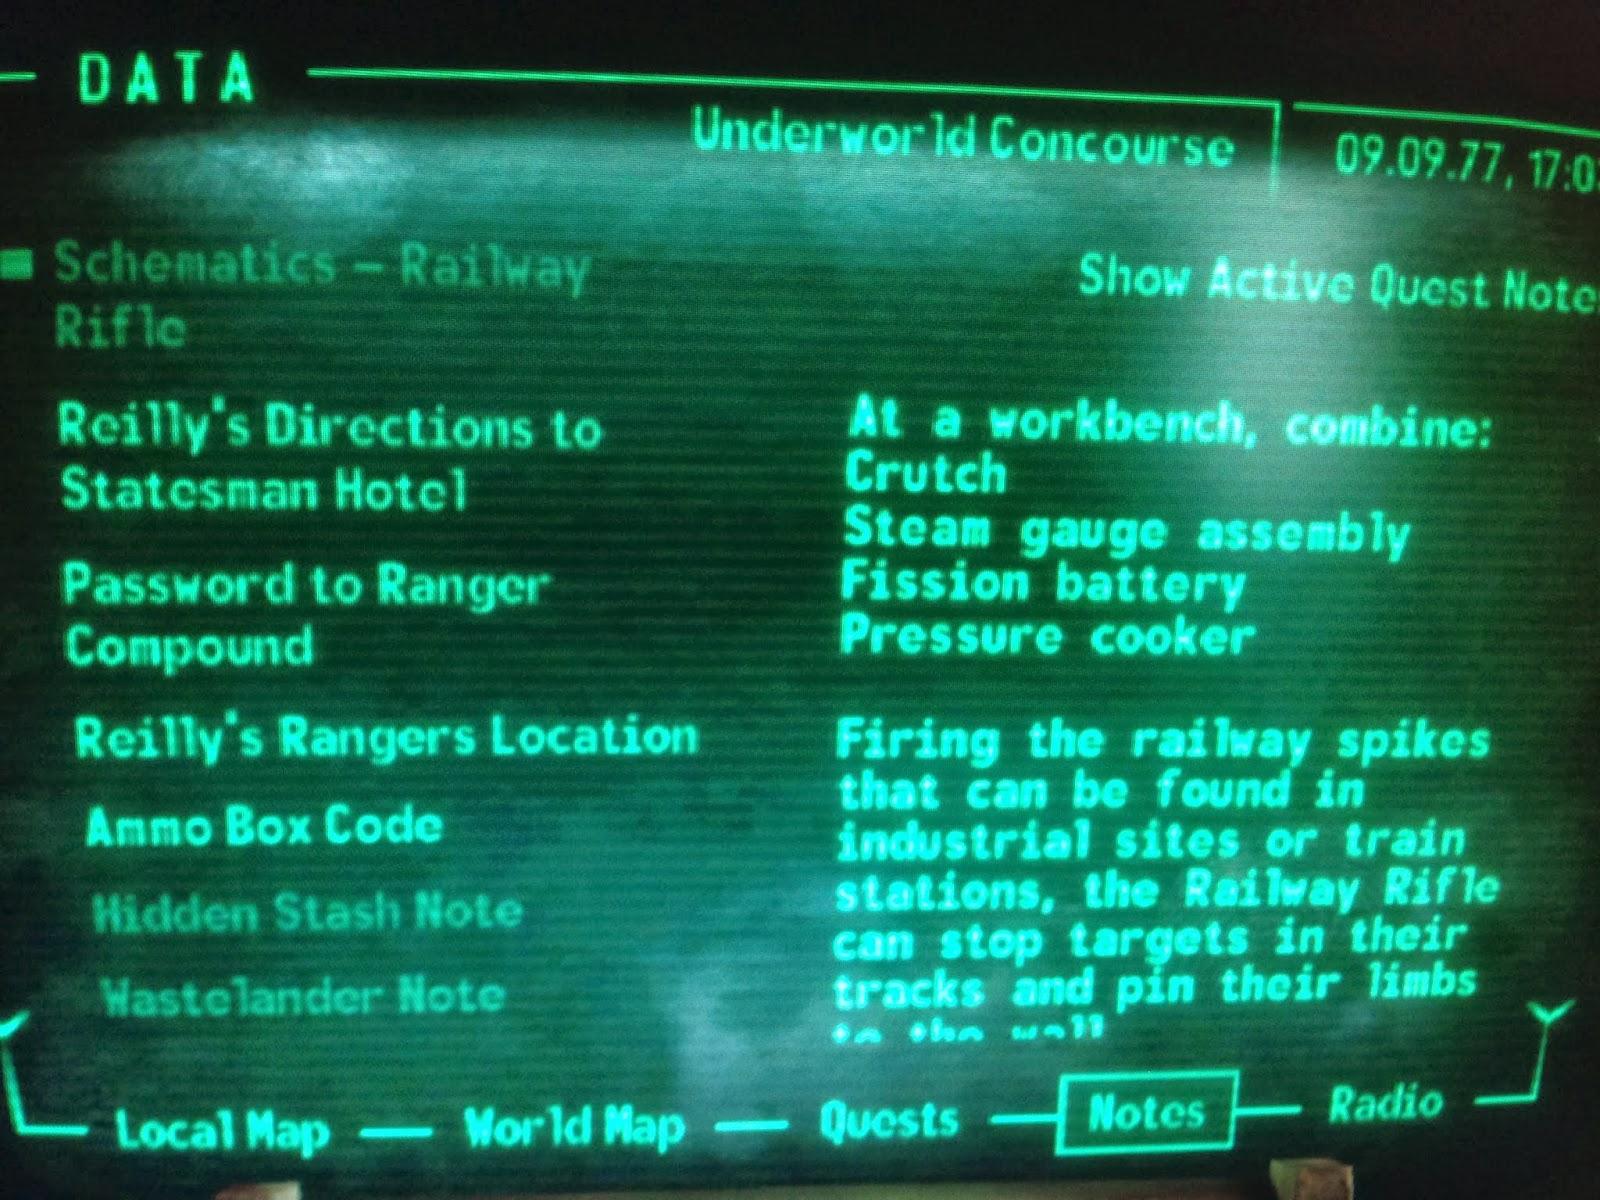 快樂圖騰: 異塵餘生3 武器藍圖Fallout 3 Schematics on